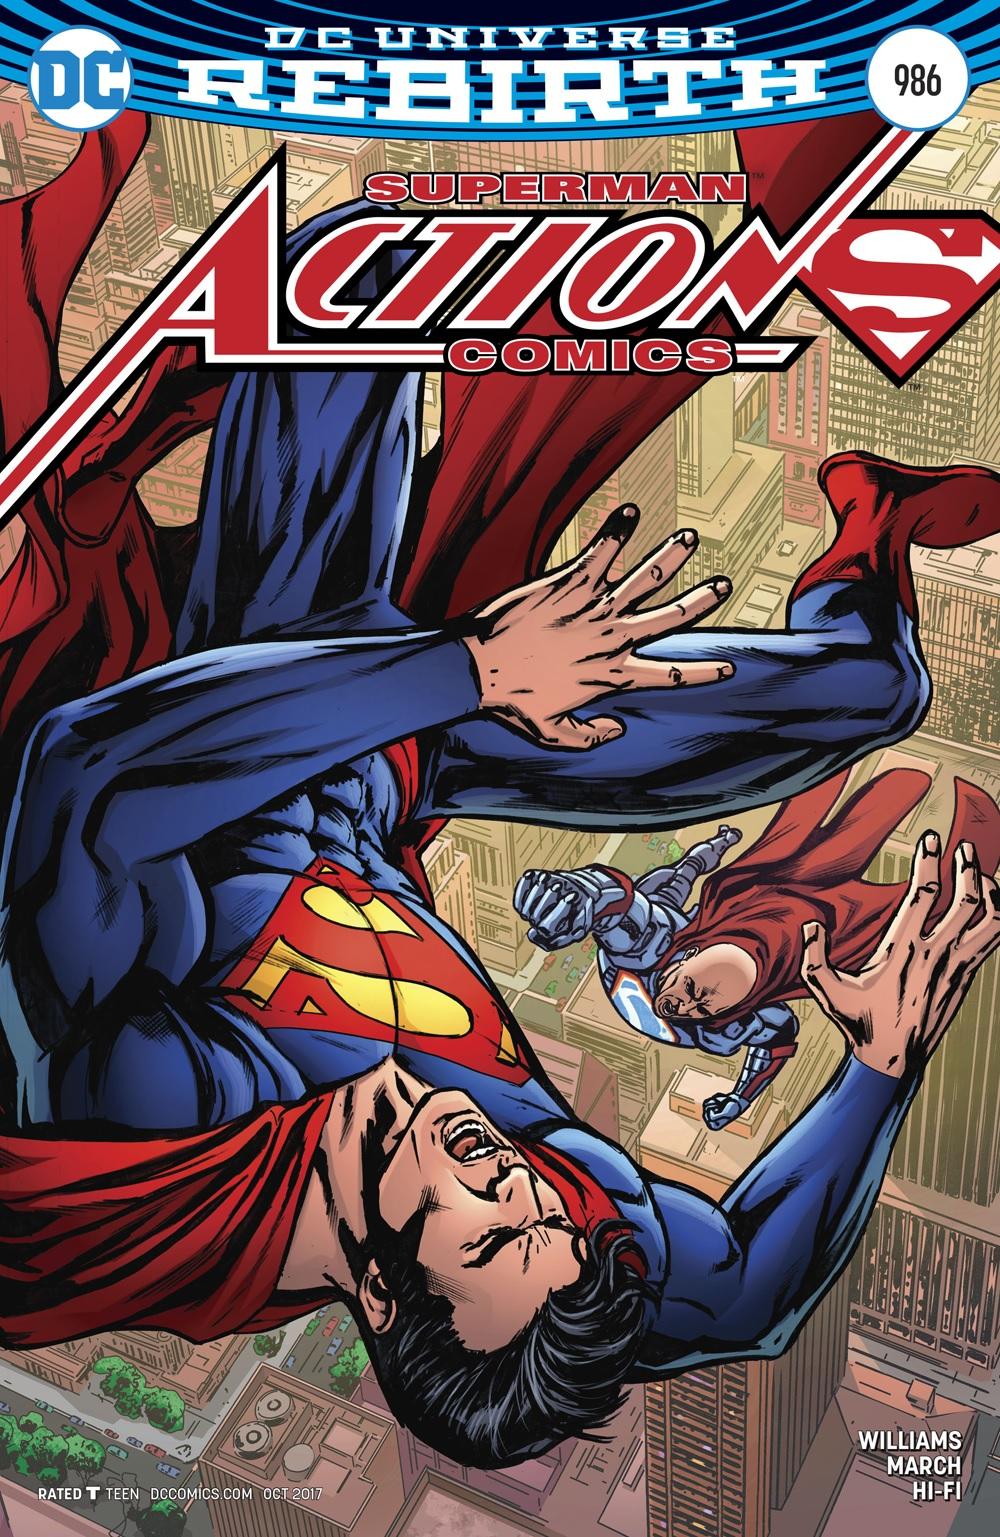 Action Comics Vol 1 986 Variant.jpg